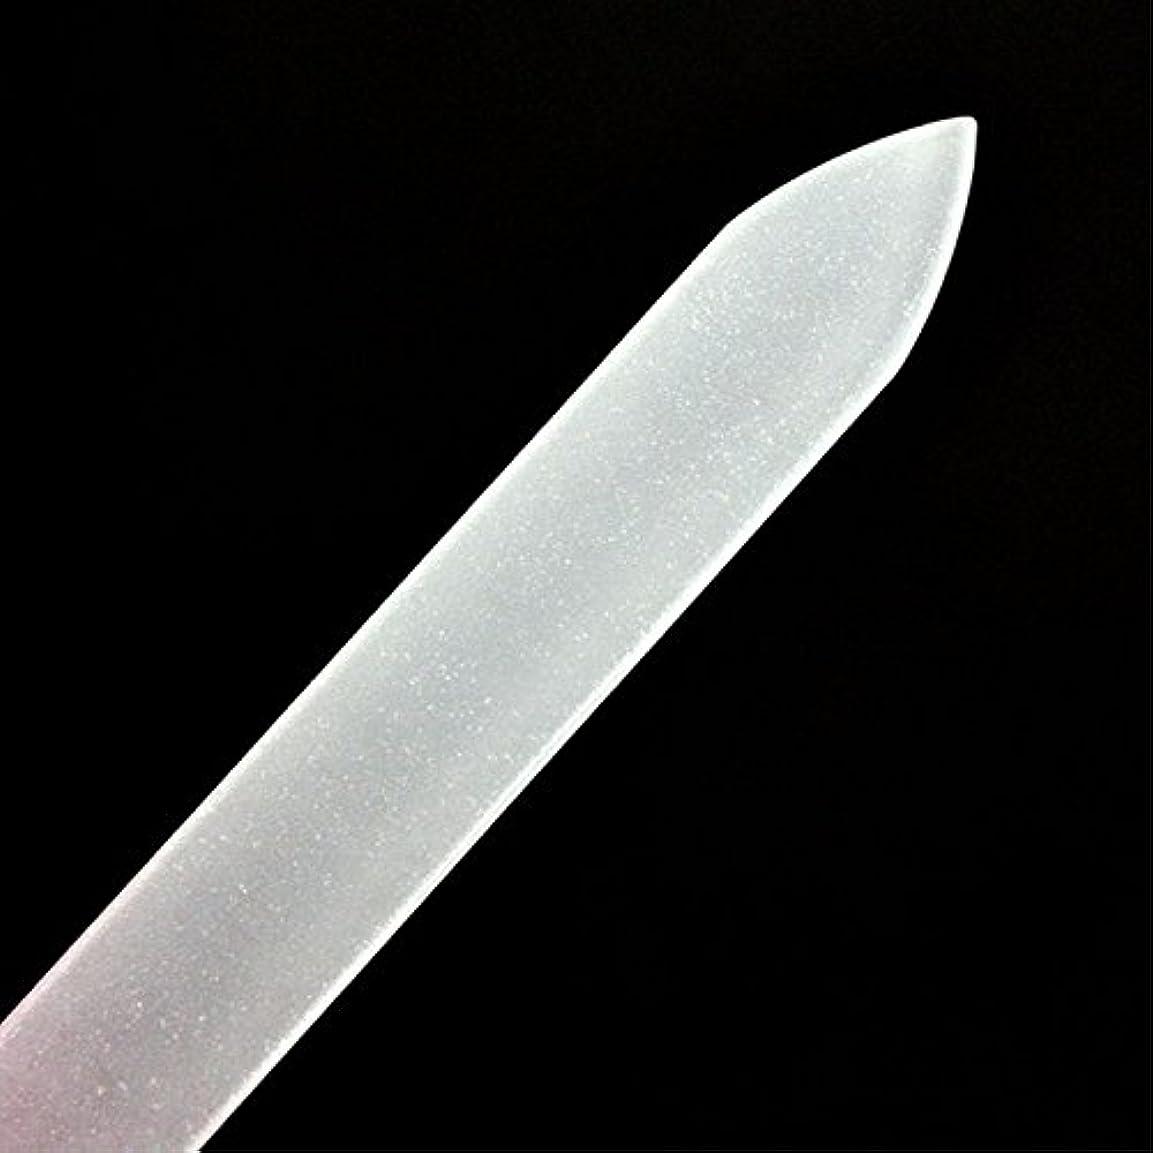 百年除去デコードする爪磨き つめみがき ネイルケア 爪やすり 用品ガラス製爪ヤスリ ガラス製 ケース付 つめやすり甘皮 ケア